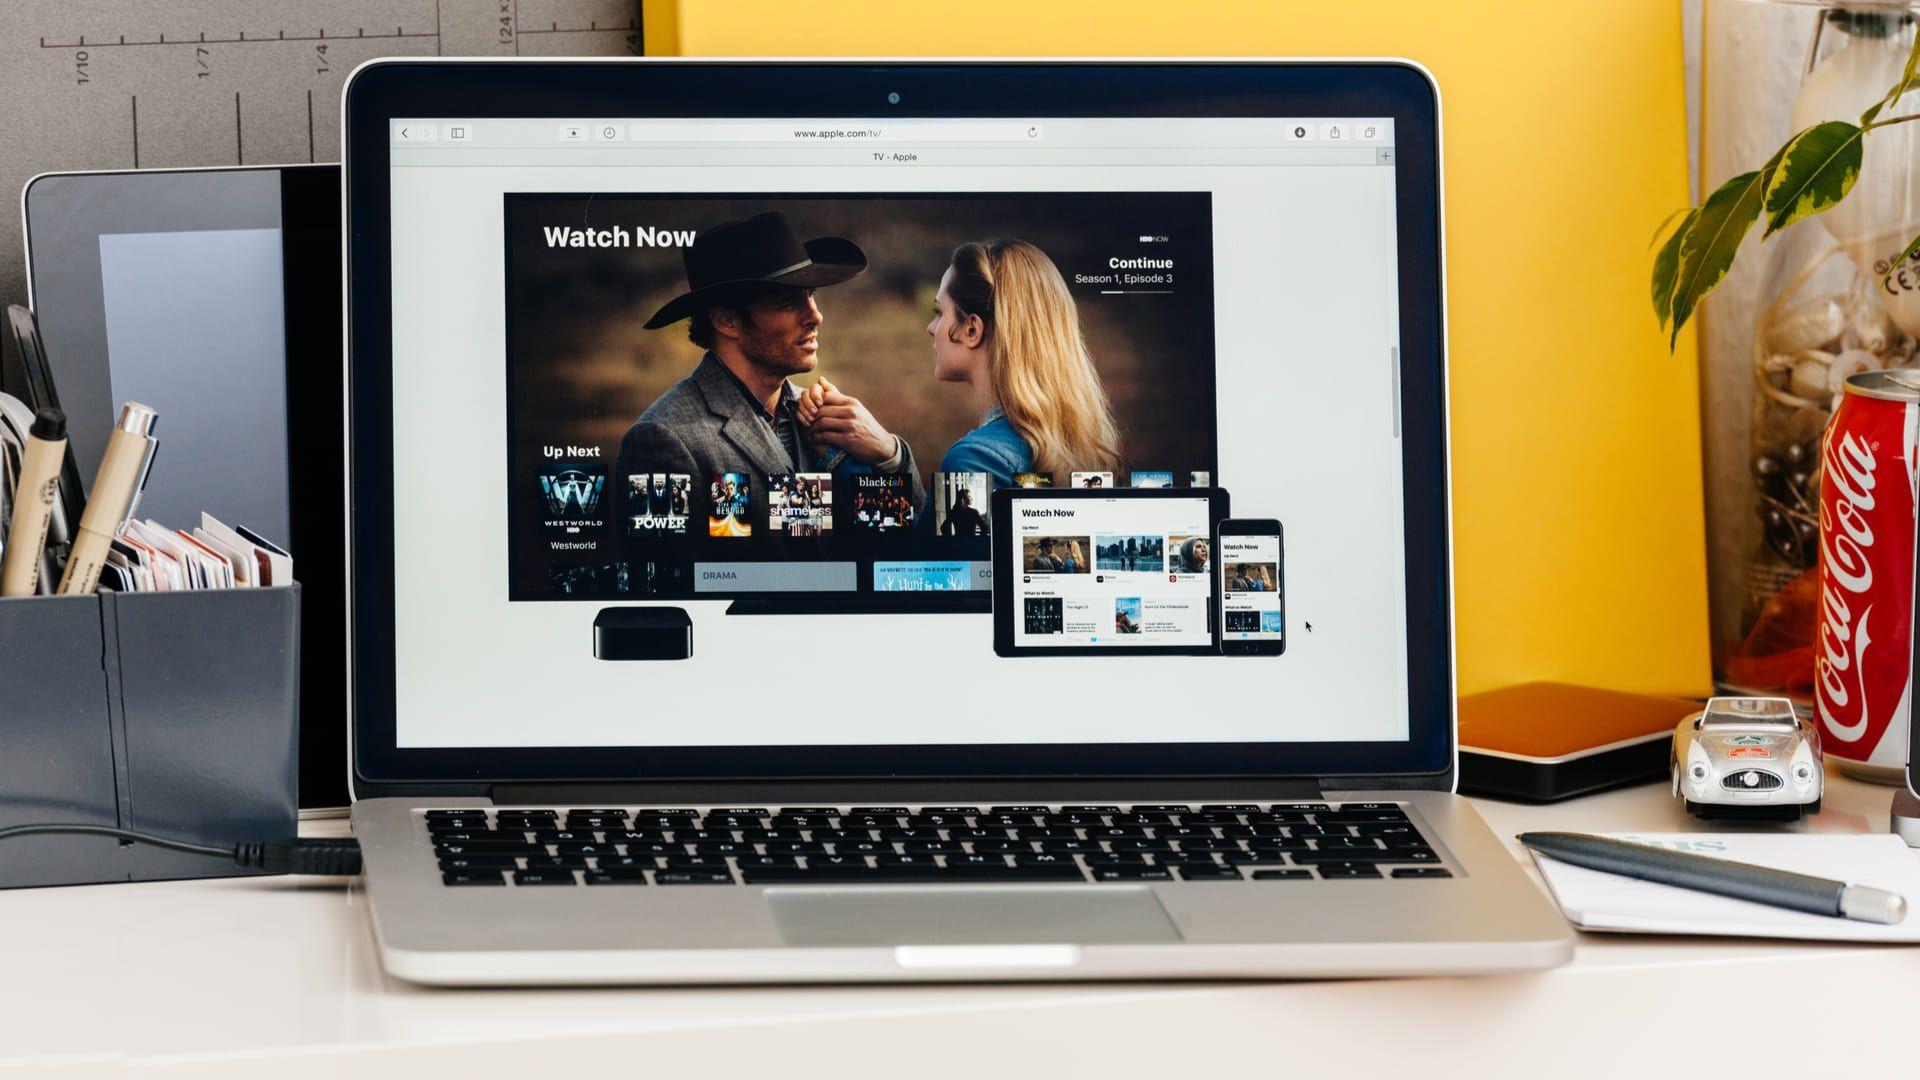 Ter uma tela de qualidade é ideal para quem gosta de assistir filmes e séries no notebook (Foto: Shutterstock)